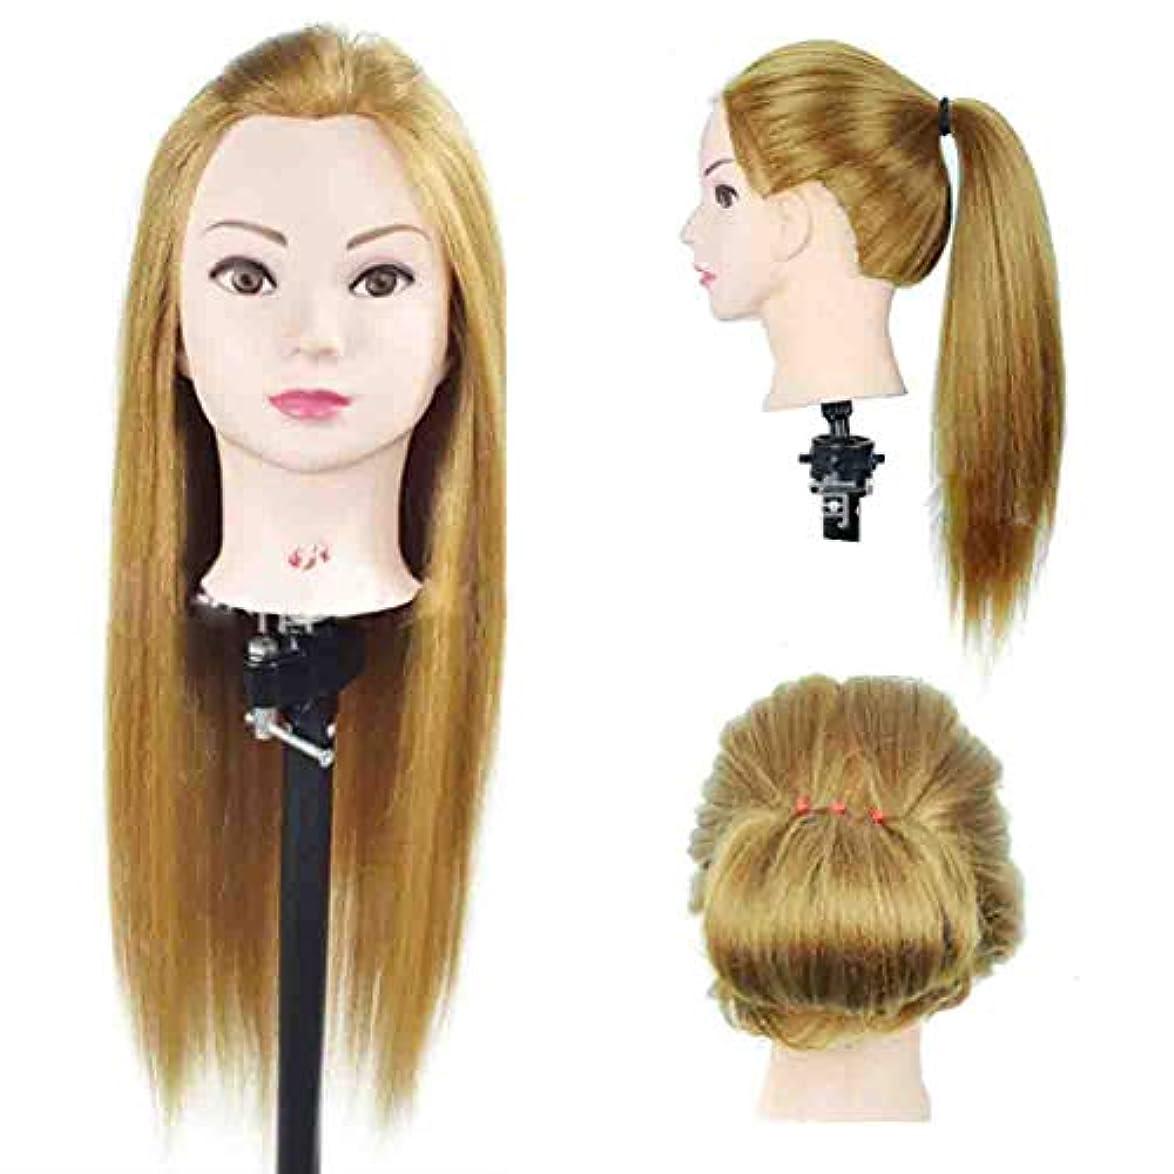 市区町村さまよう月サロンヘアブレイディングヘアスタイルヘアスタイルヘアスタイルヘアスタイルヘアスタイルヘアスタイル